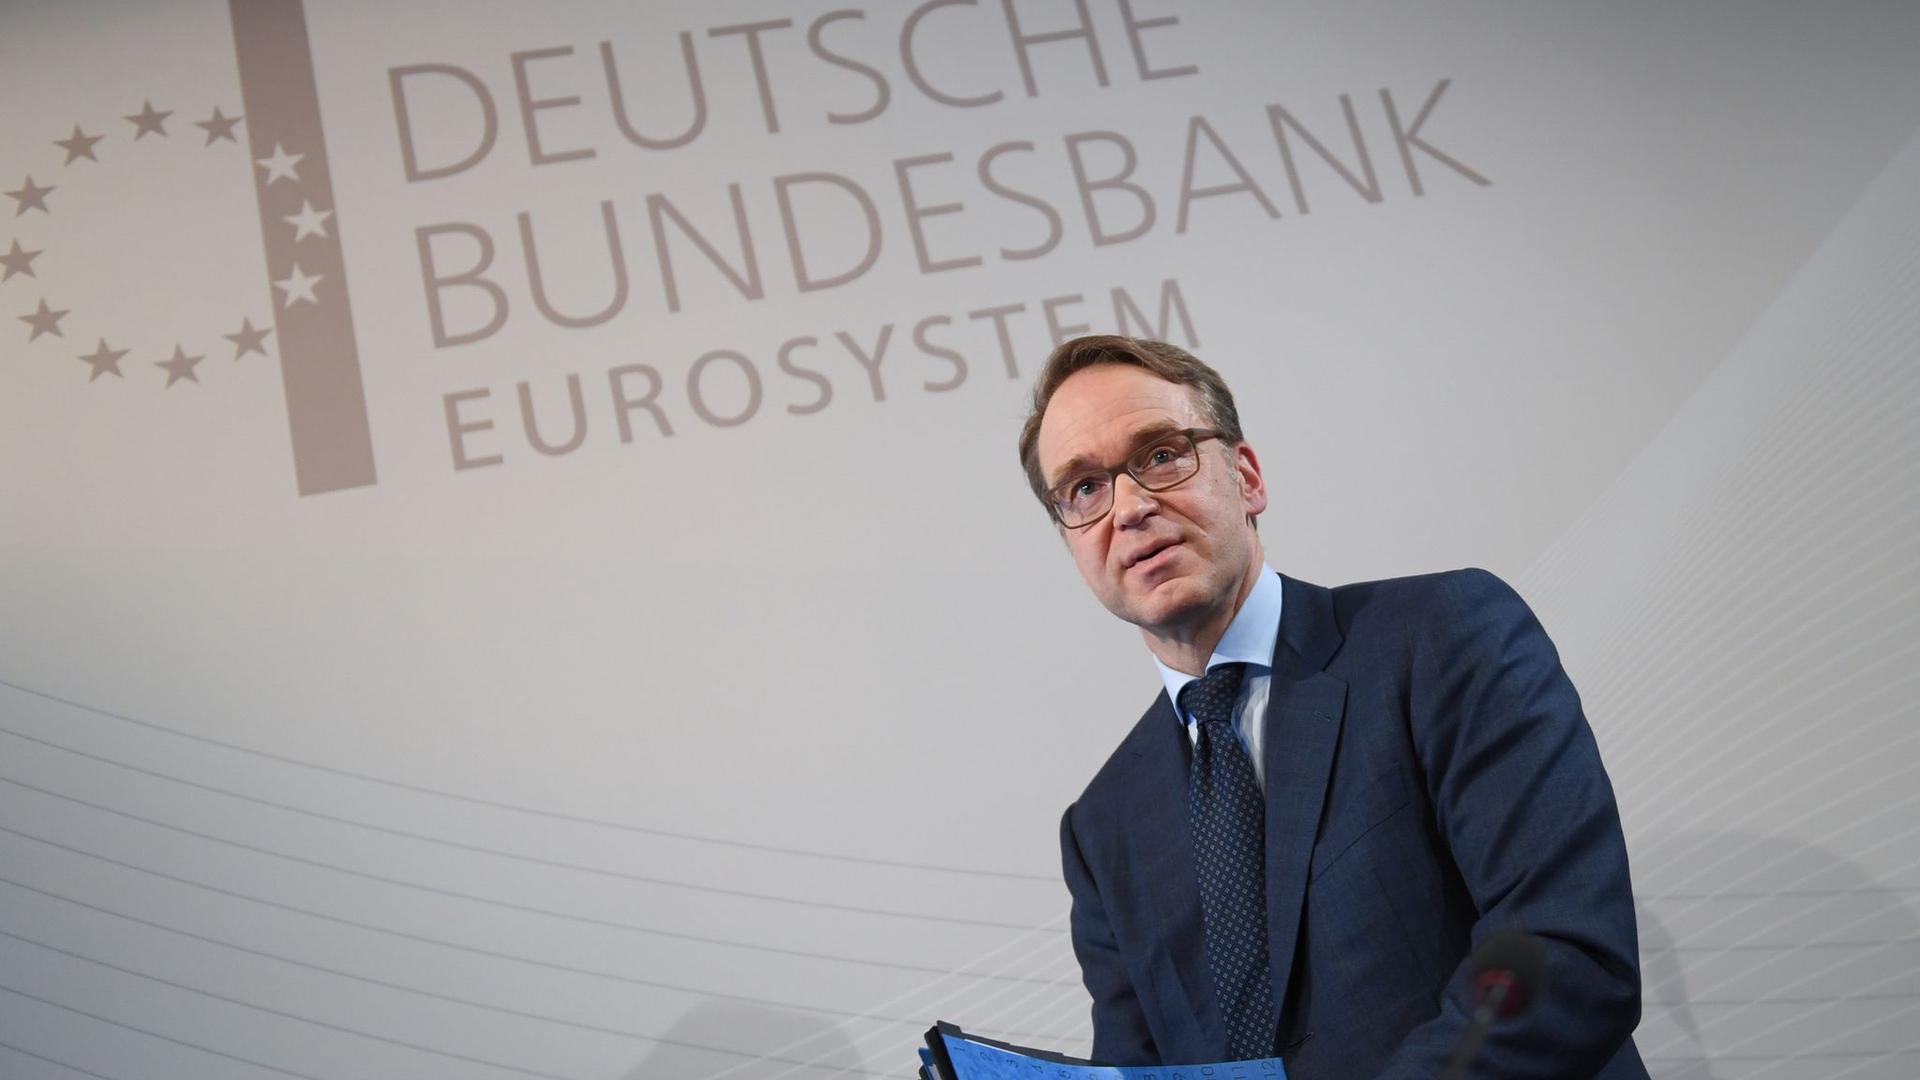 Bundesbankpräsident Jens Weidmann auf den Weg zu einer Pressekonferenz in Frankfurt/M.